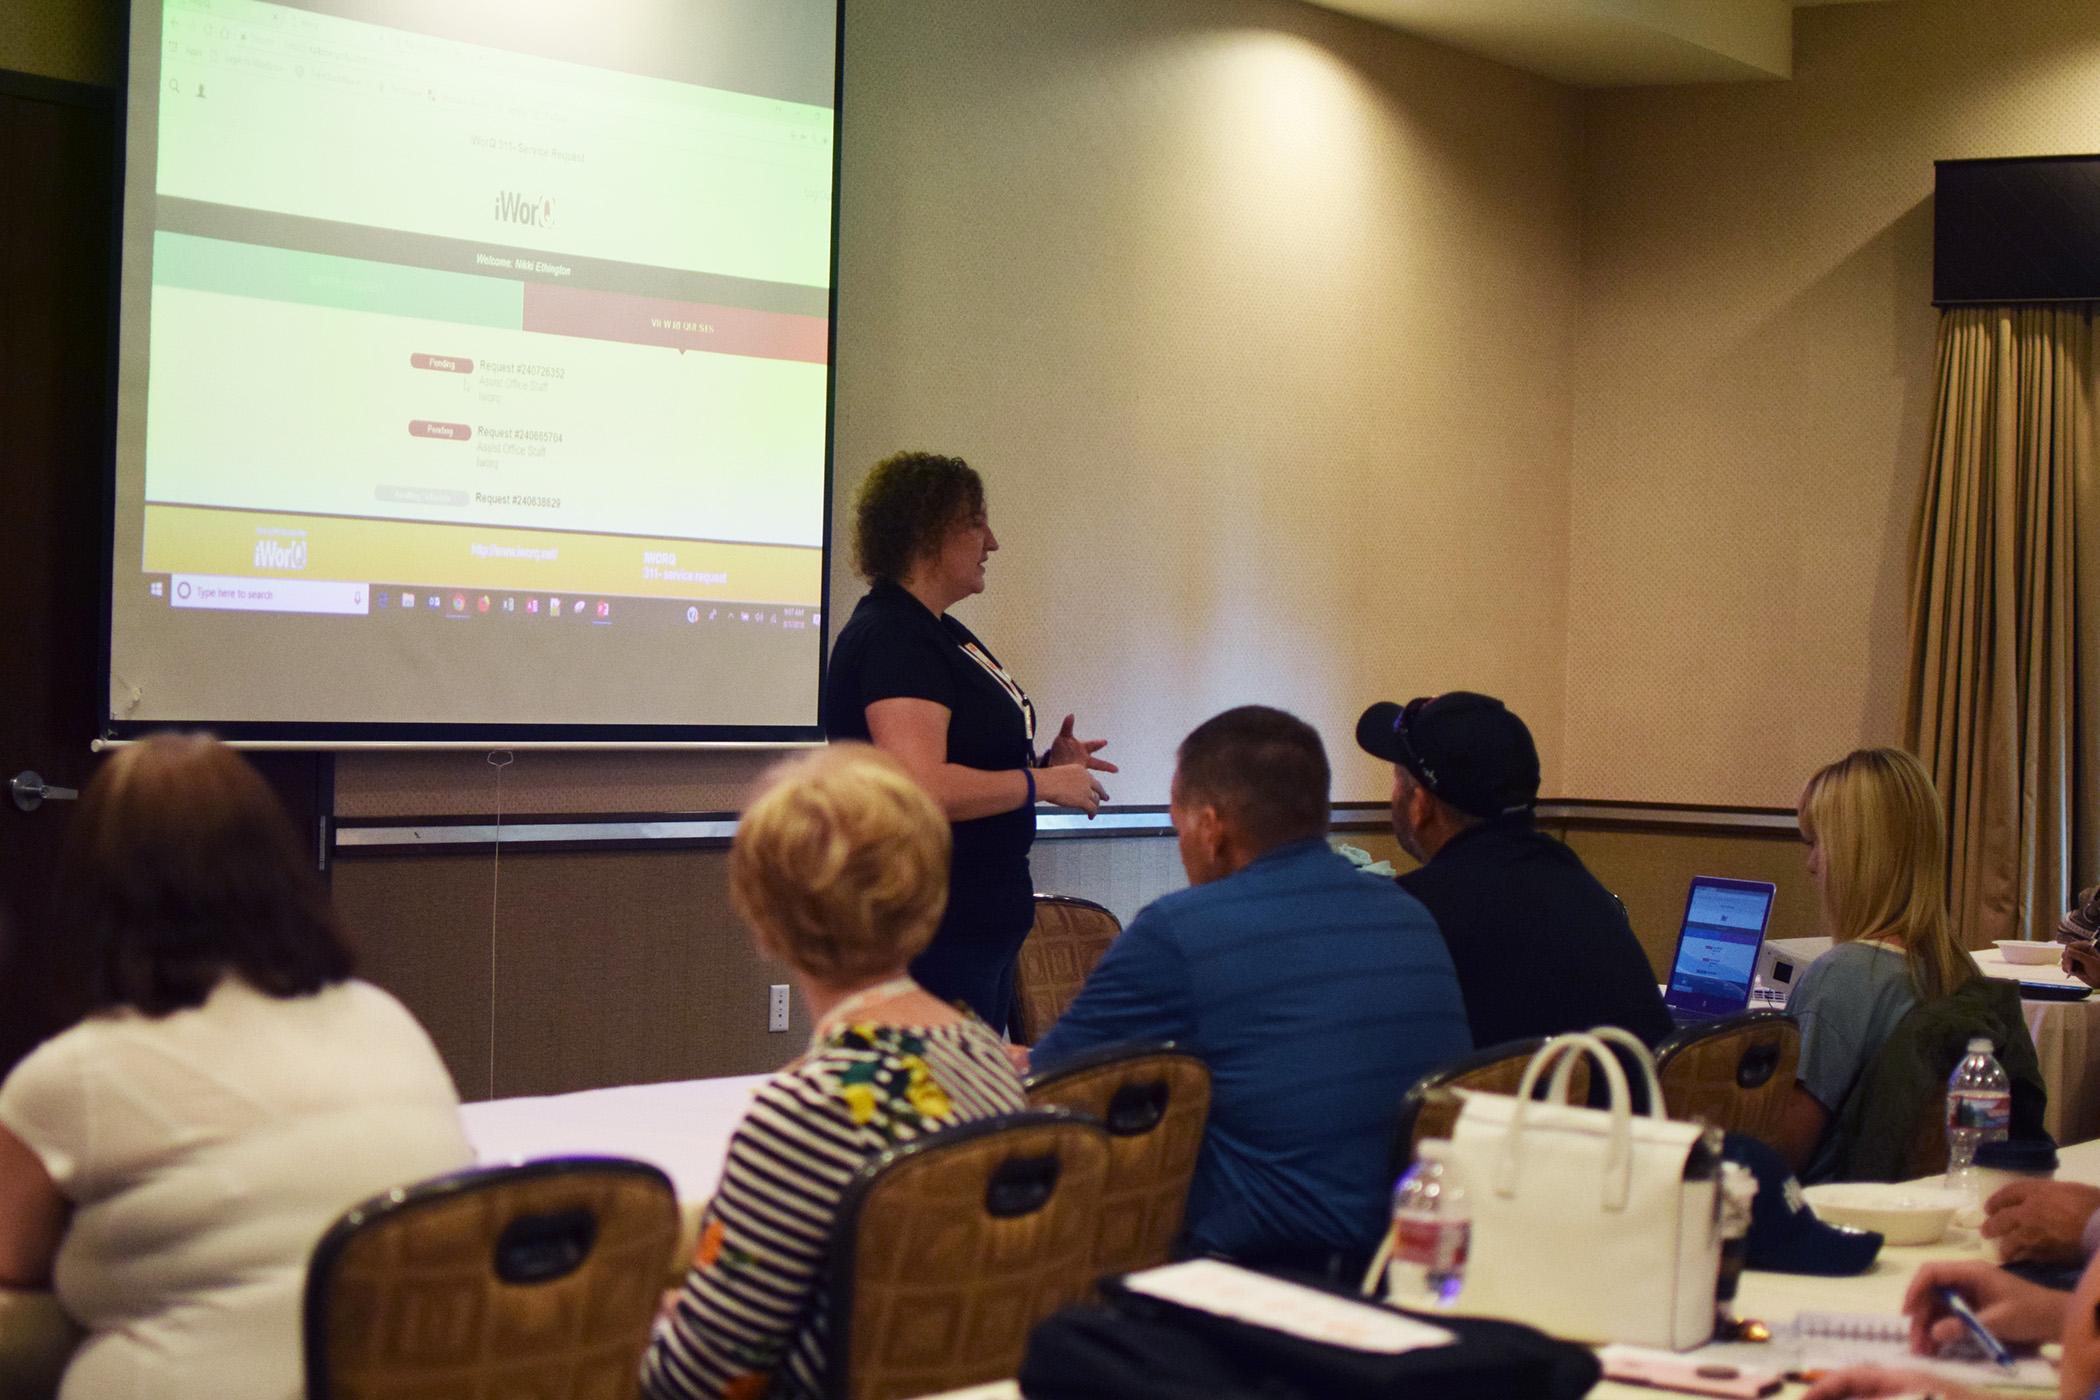 Nikki Presenting a slideshow